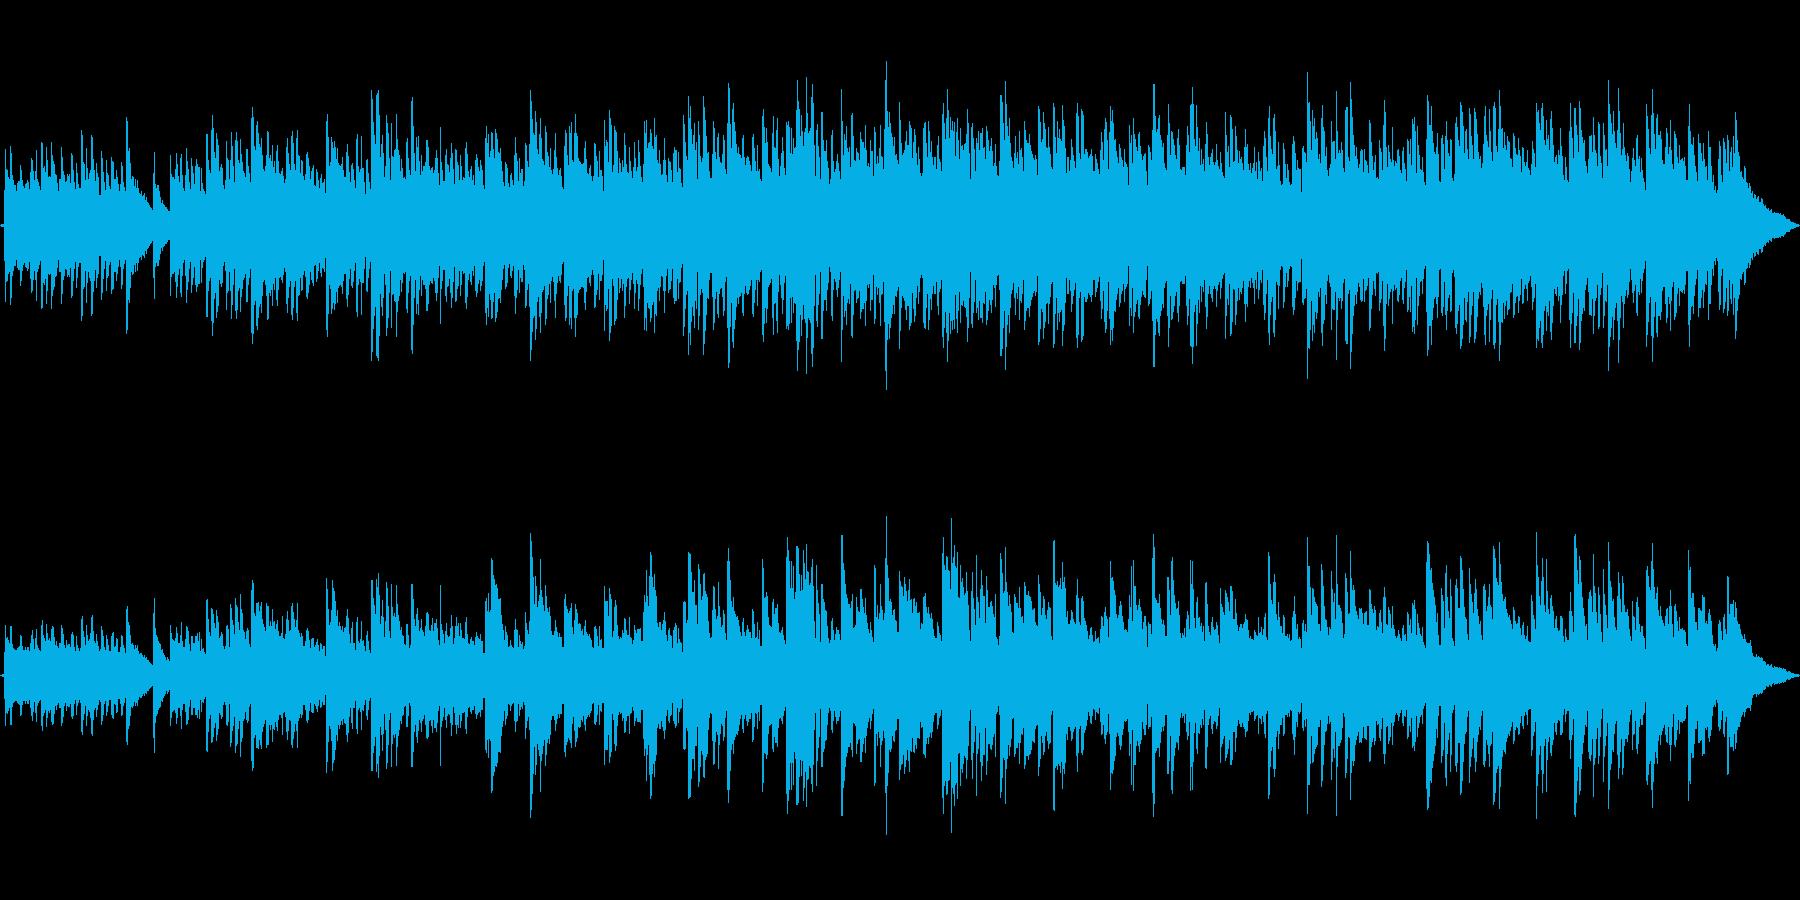 アコースティックギター フォーク調#1の再生済みの波形